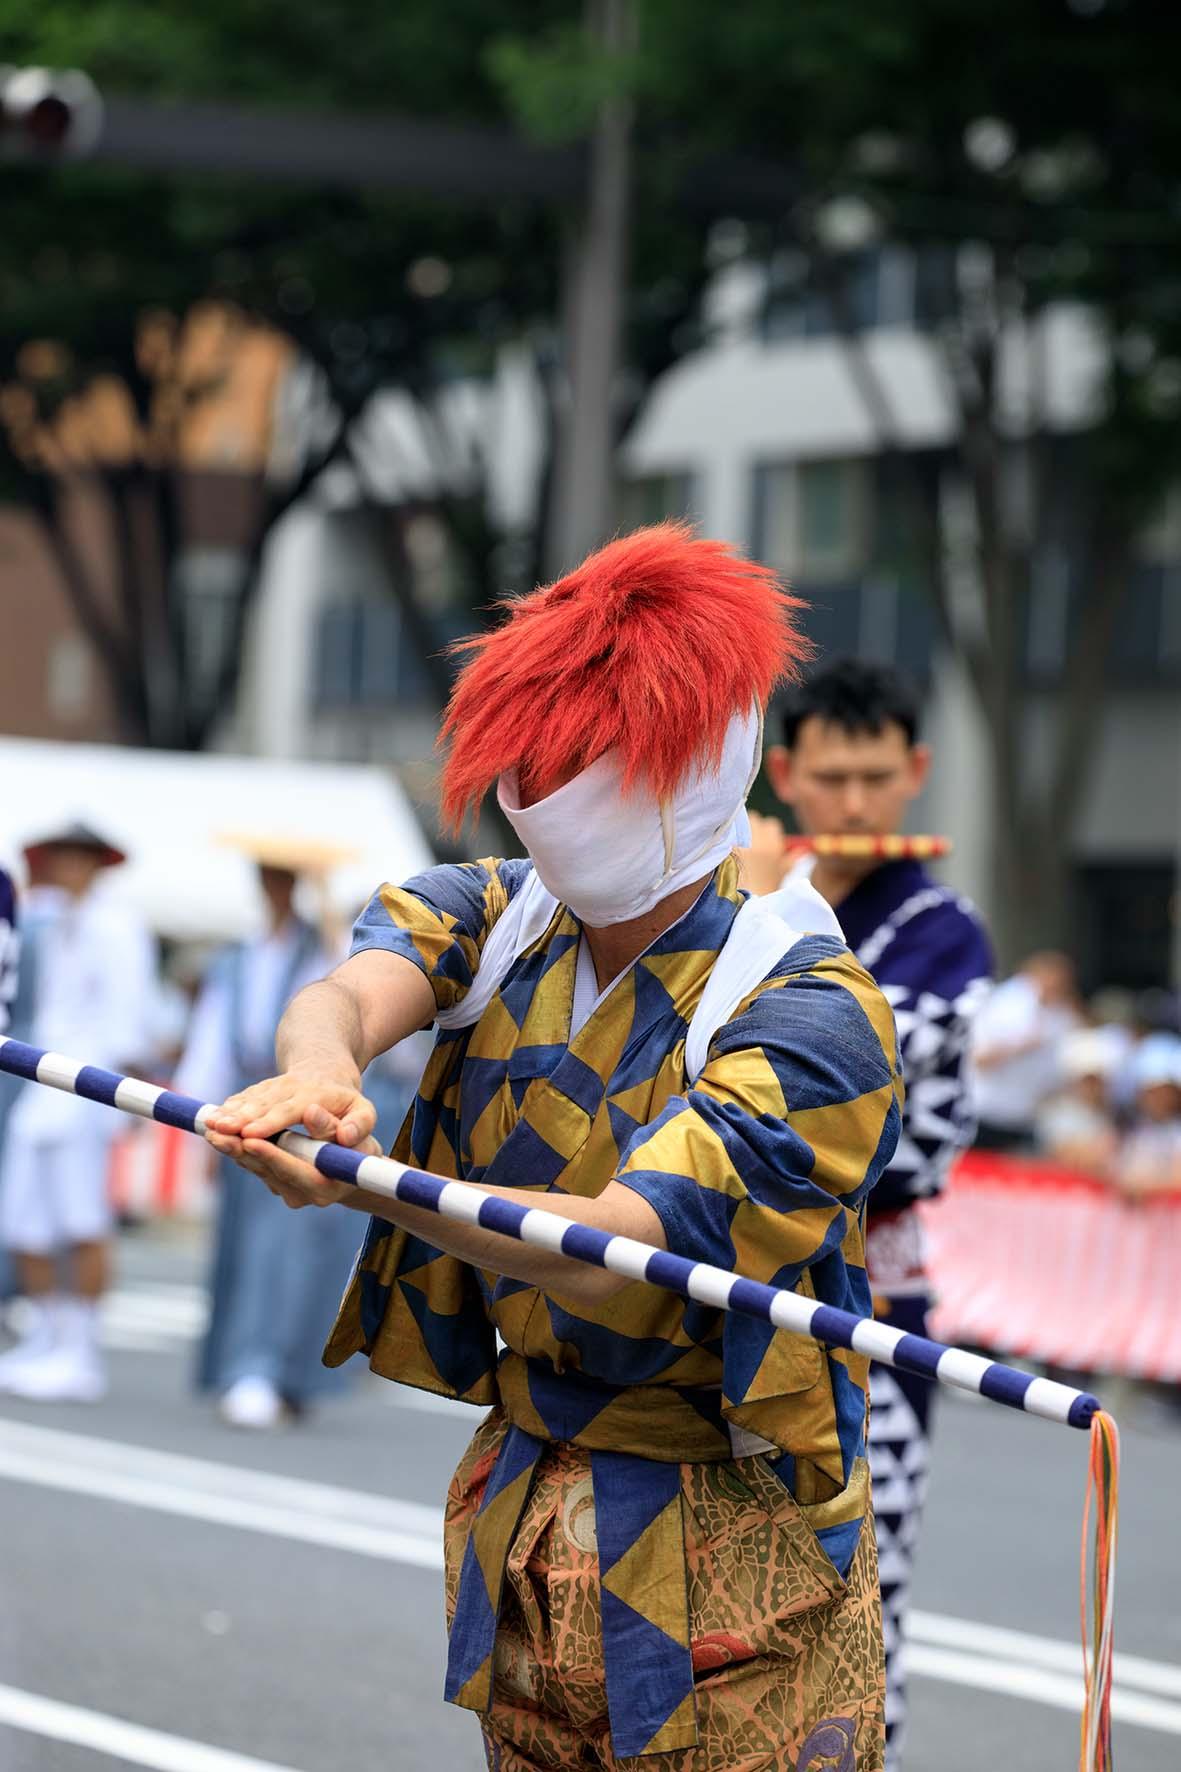 祇園祭:綾傘鉾(あやがさほこ)